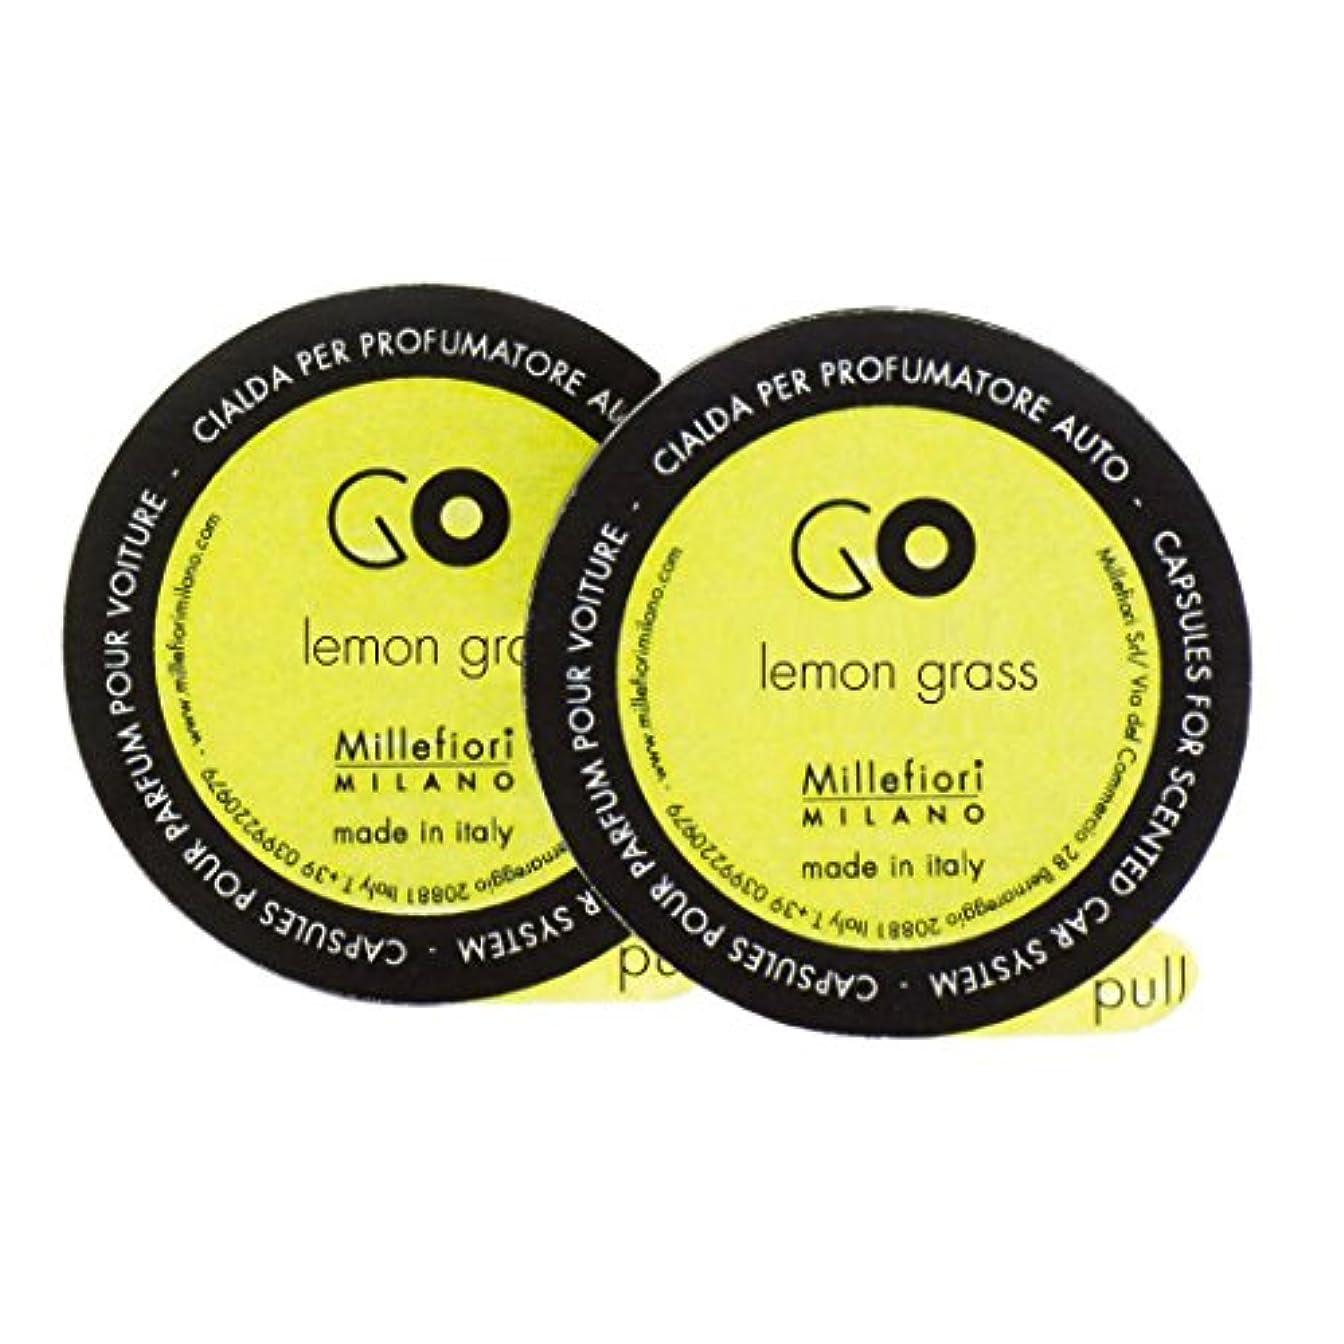 メタルライン私達バタフライMillefiori カーエアフレッシュナーレフィル[GO] レモングラス